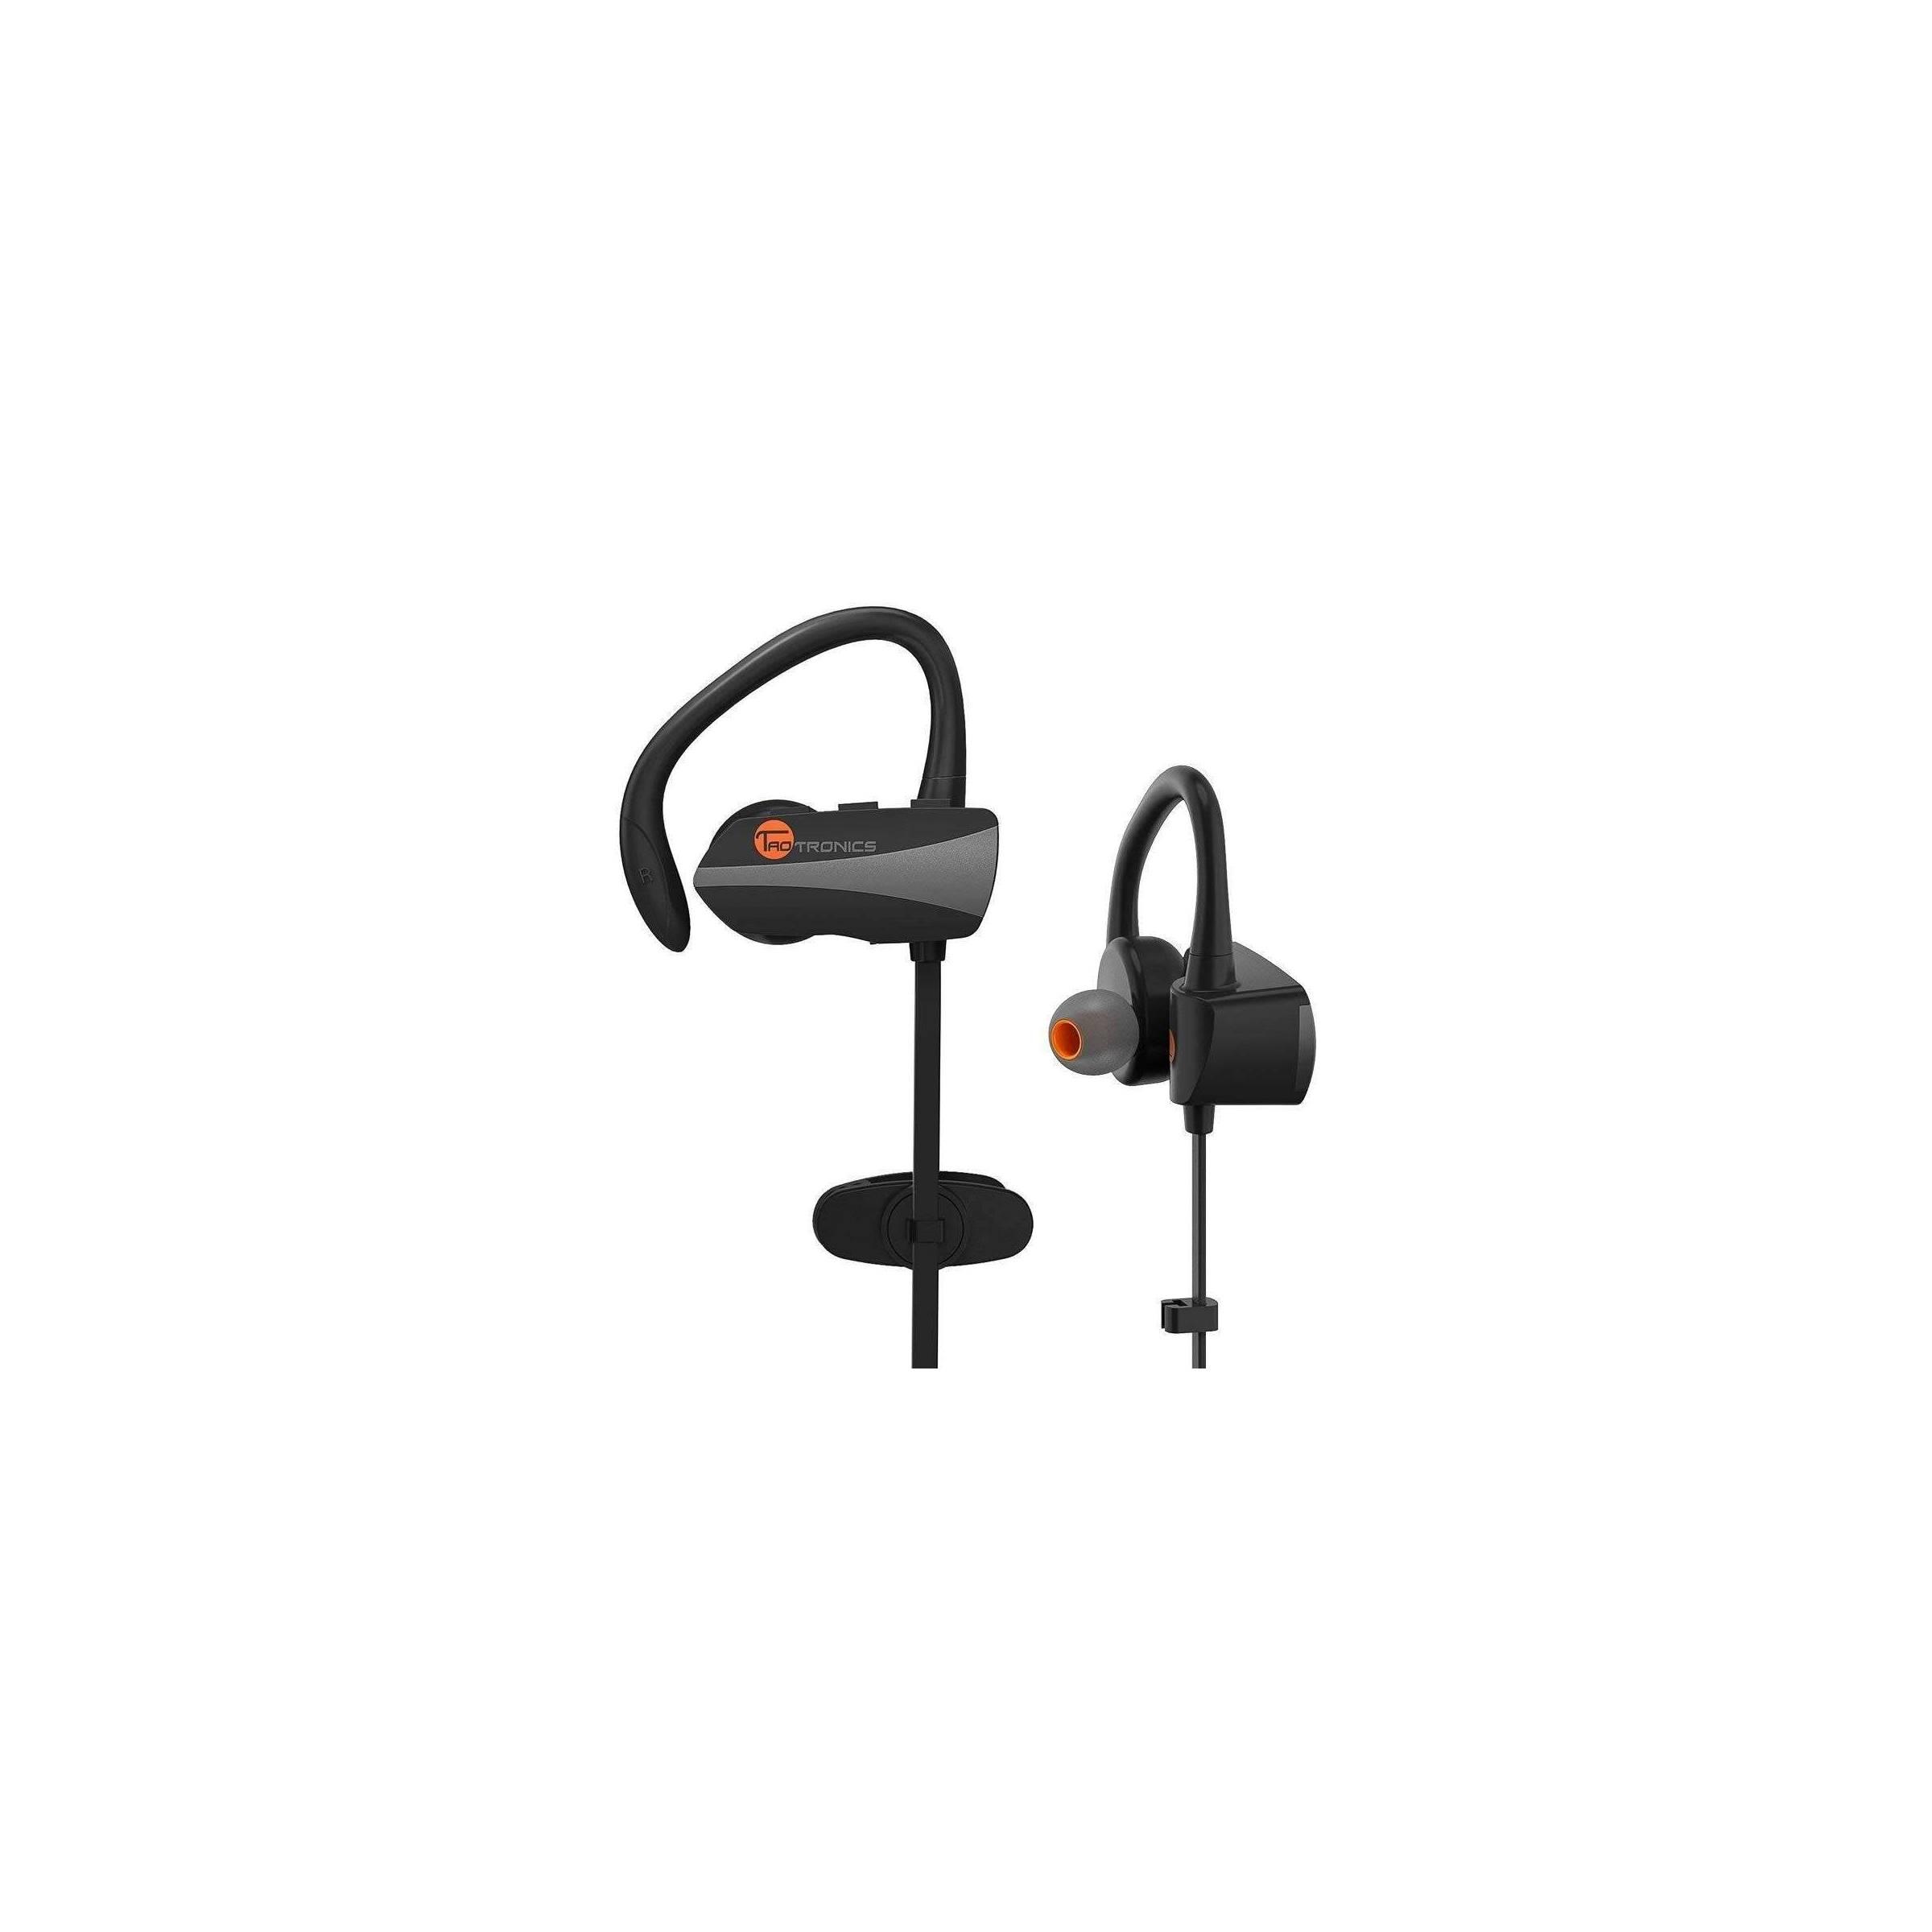 Taotronics bluetooth trådløse in-ear sport headphones m. bøjle fra taotronics på mackabler.dk